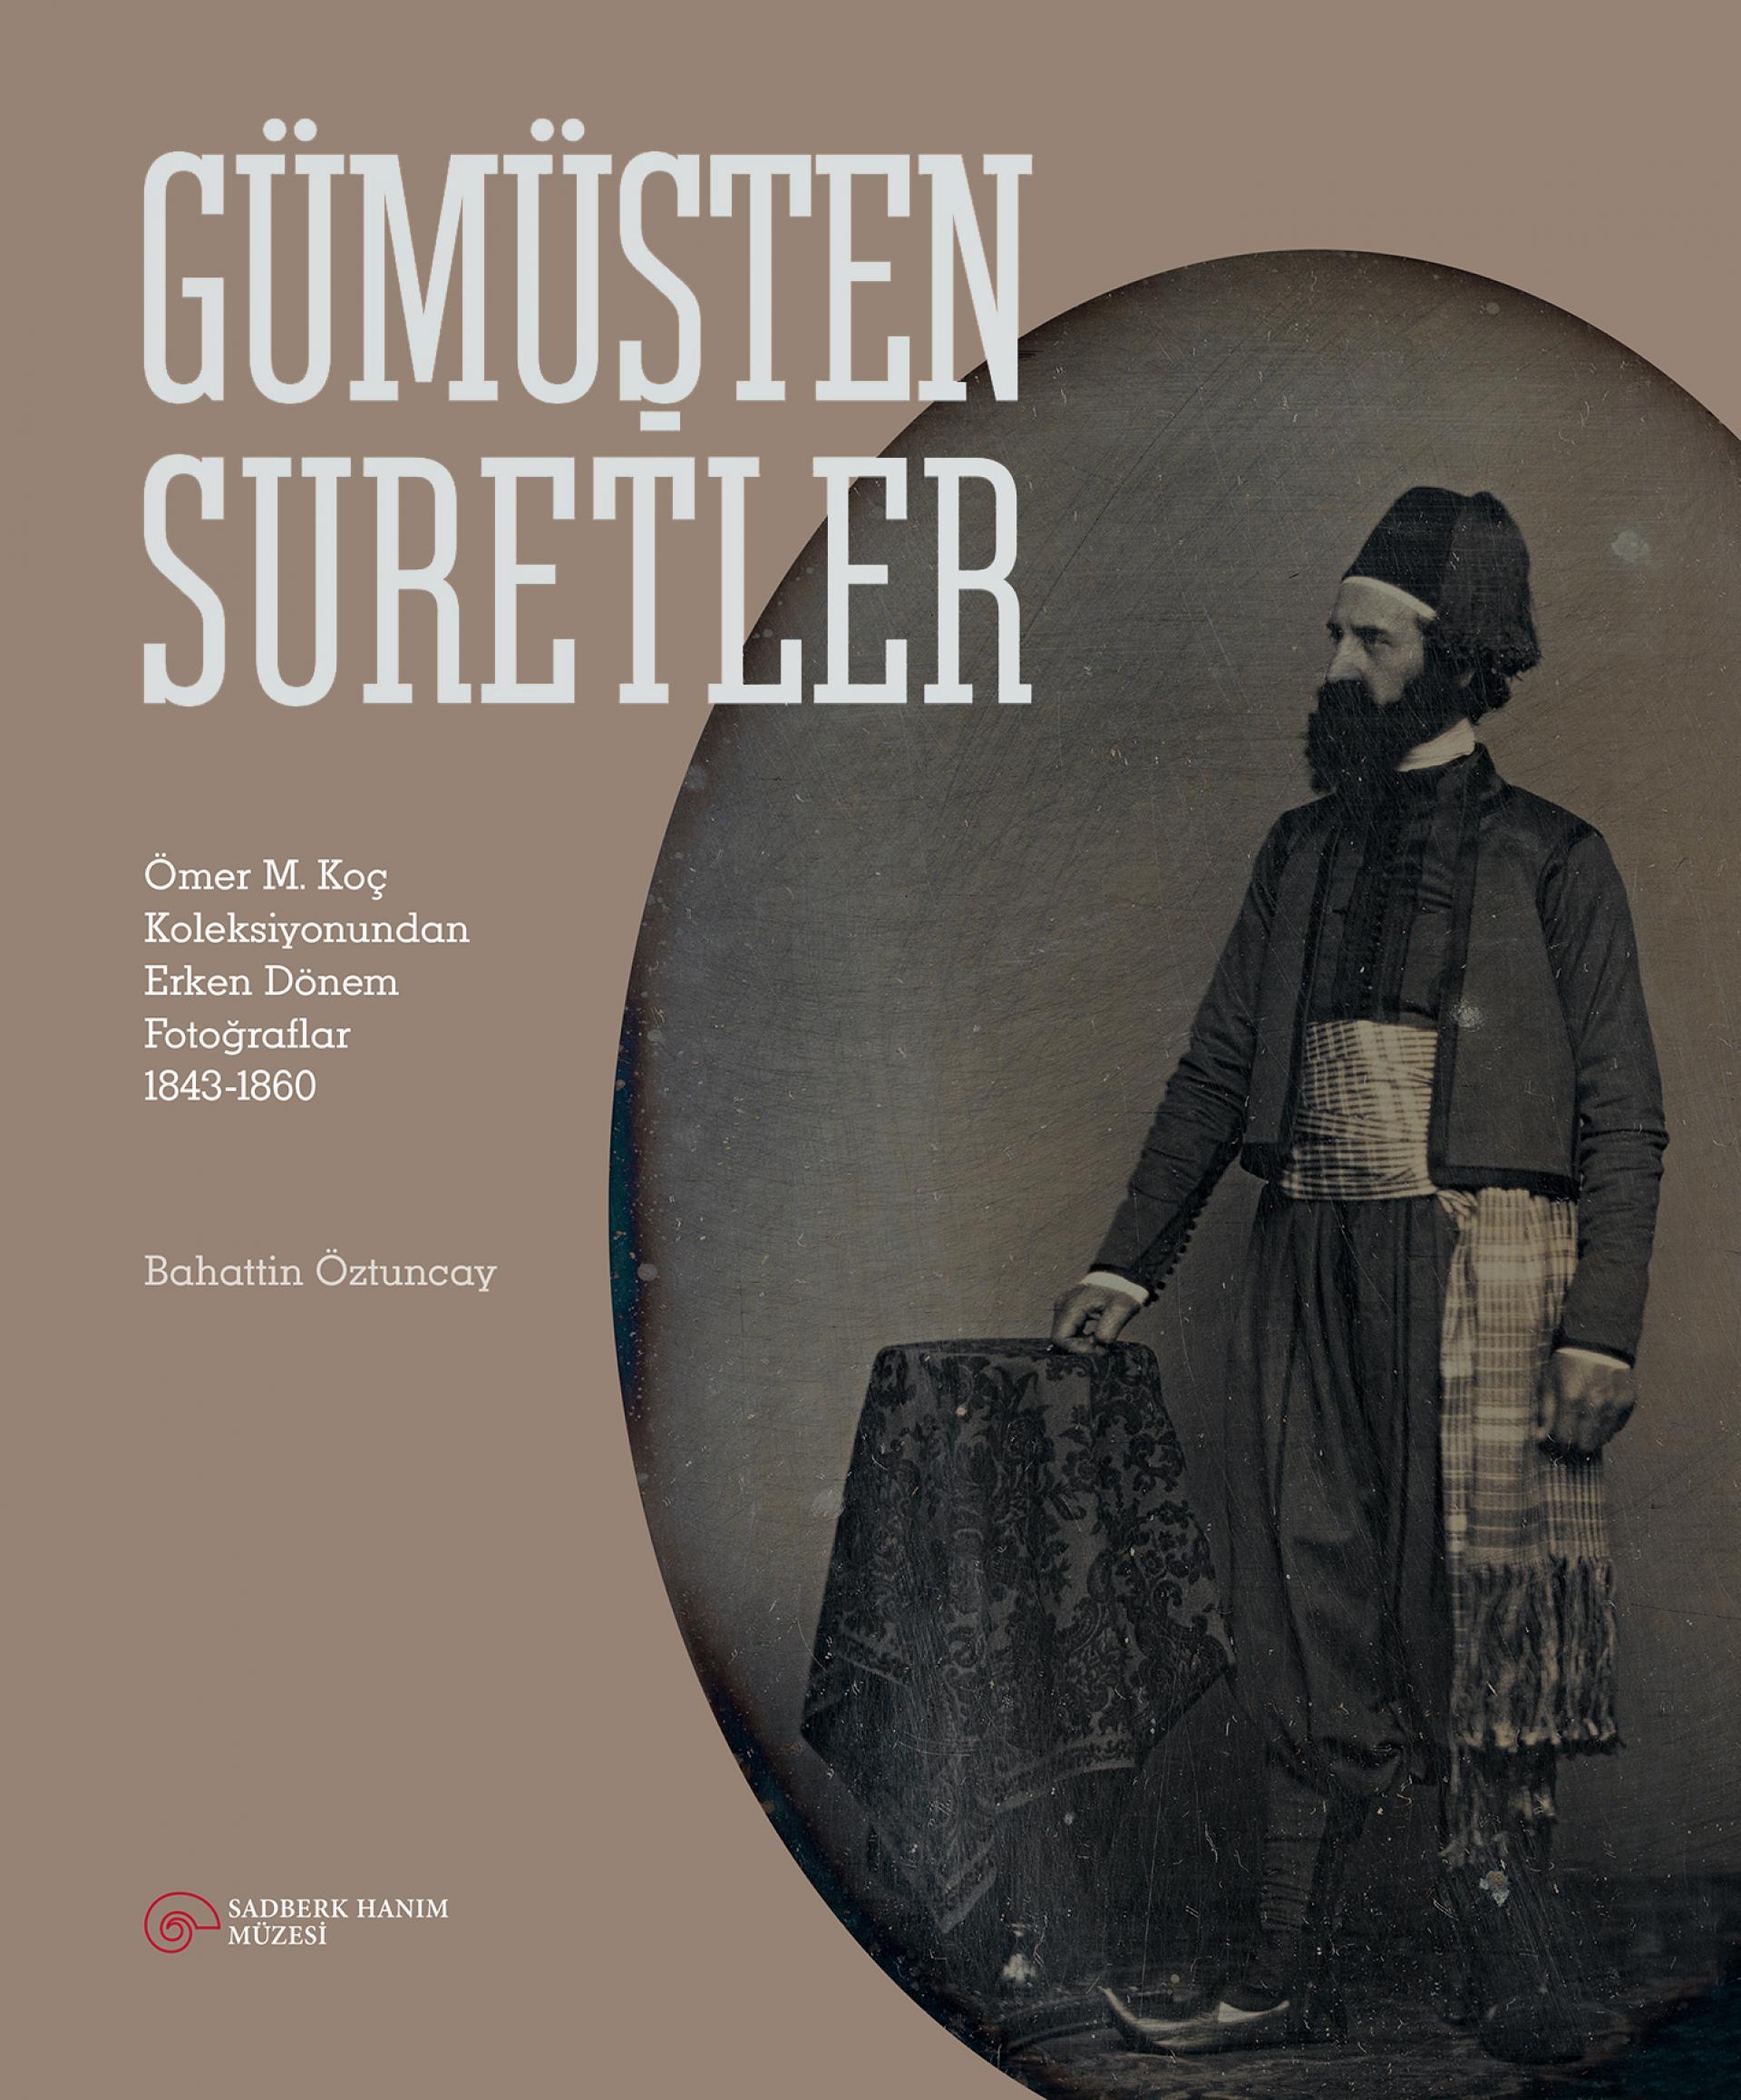 Gümüşten Suretler - BOOKS - Sadberk Hanım Museum